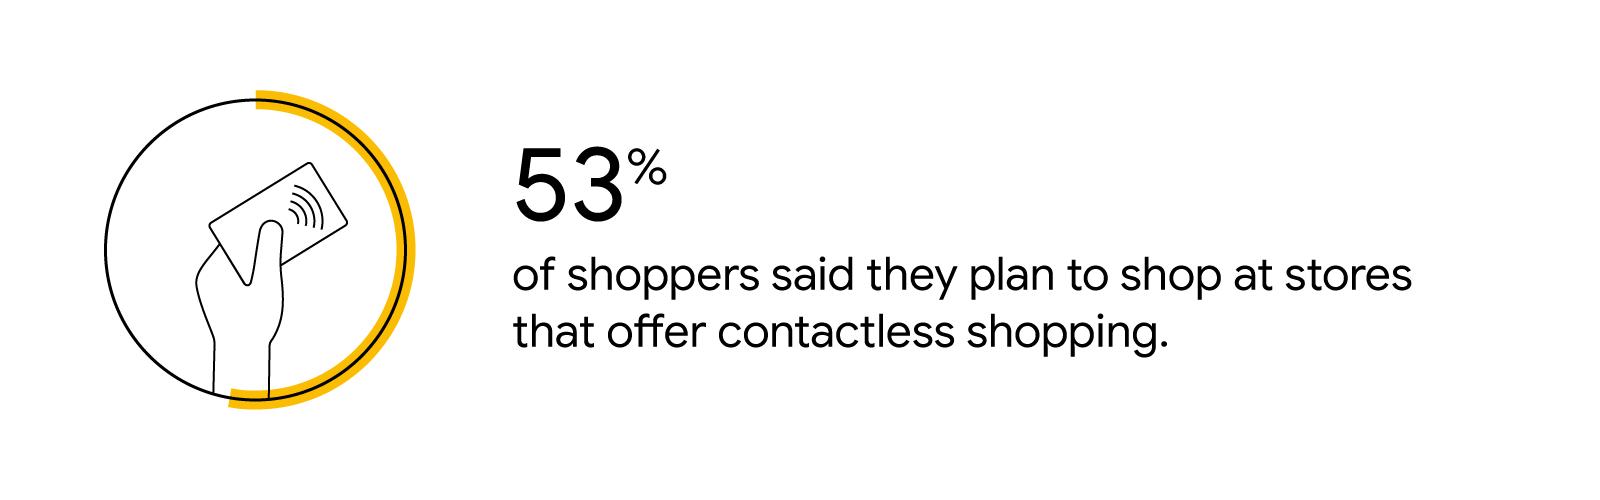 Un gráfico circular indica la siguiente estadística: el 53% de los compradores dijeron que planean comprar en tiendas que ofrecen compras sin contacto.